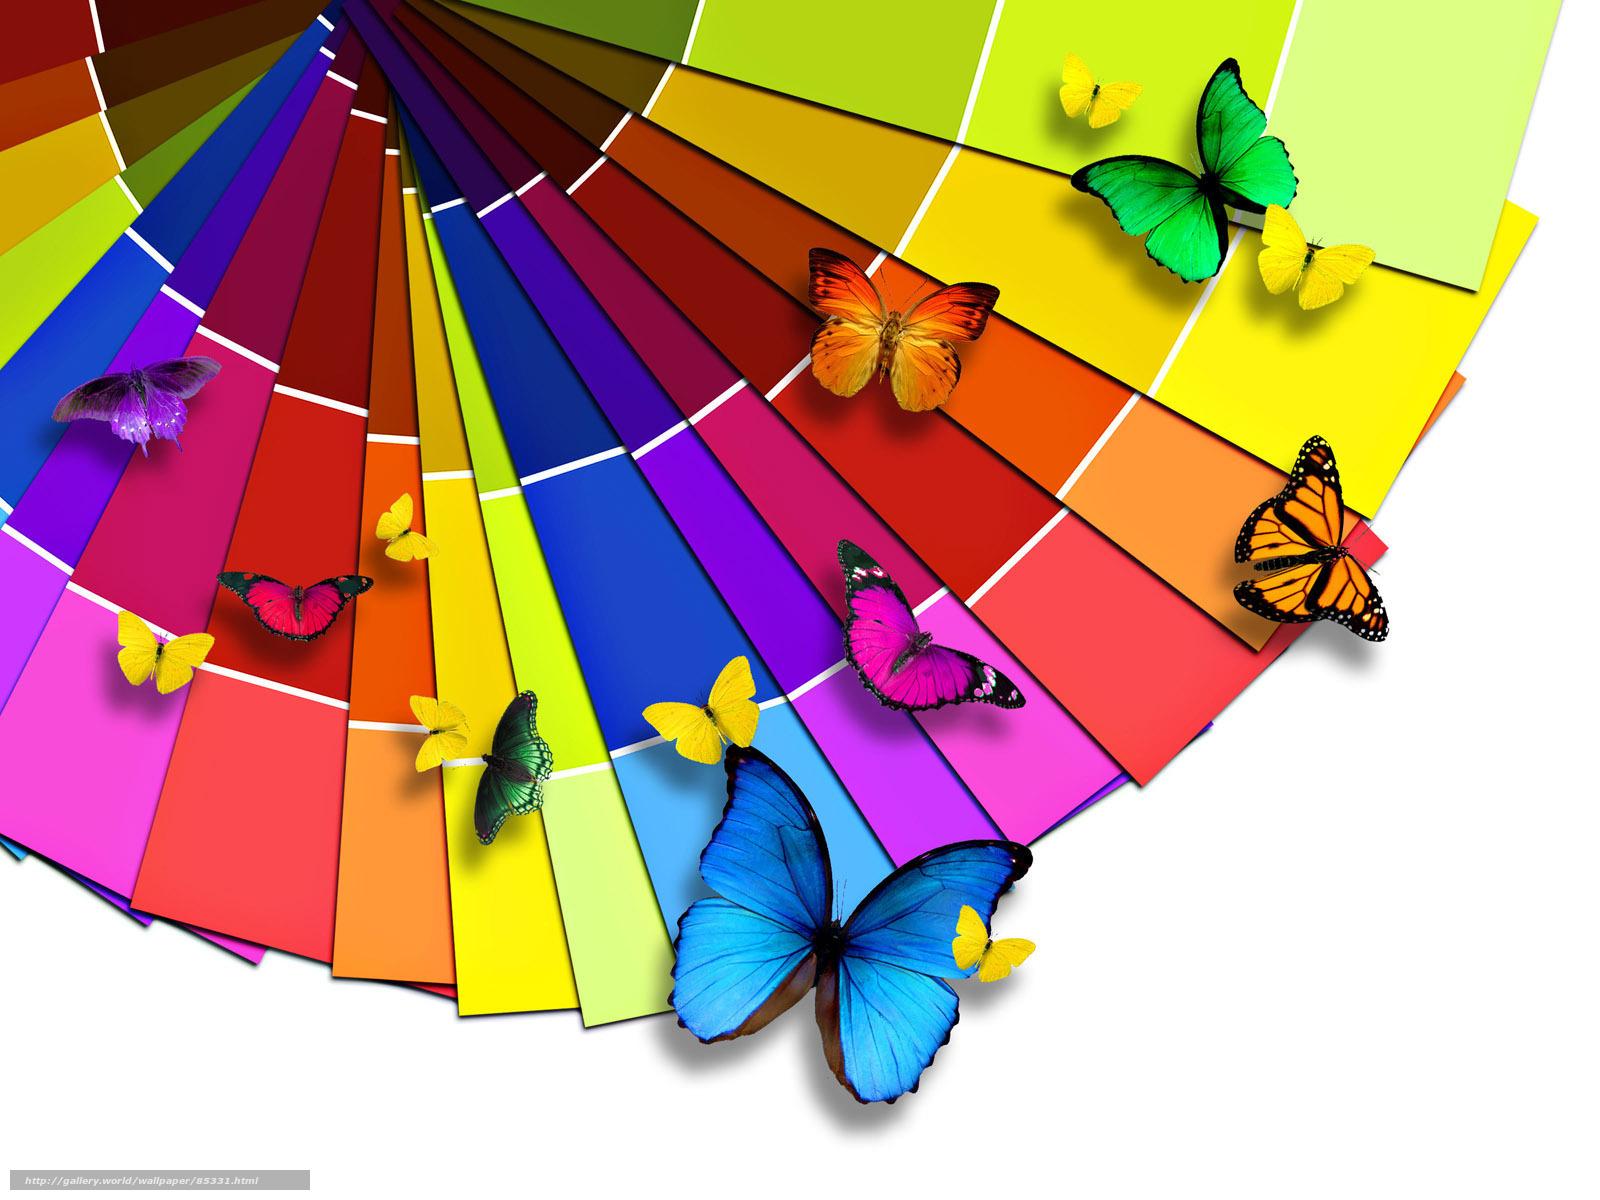 Скачать обои абстракции веер бабочки